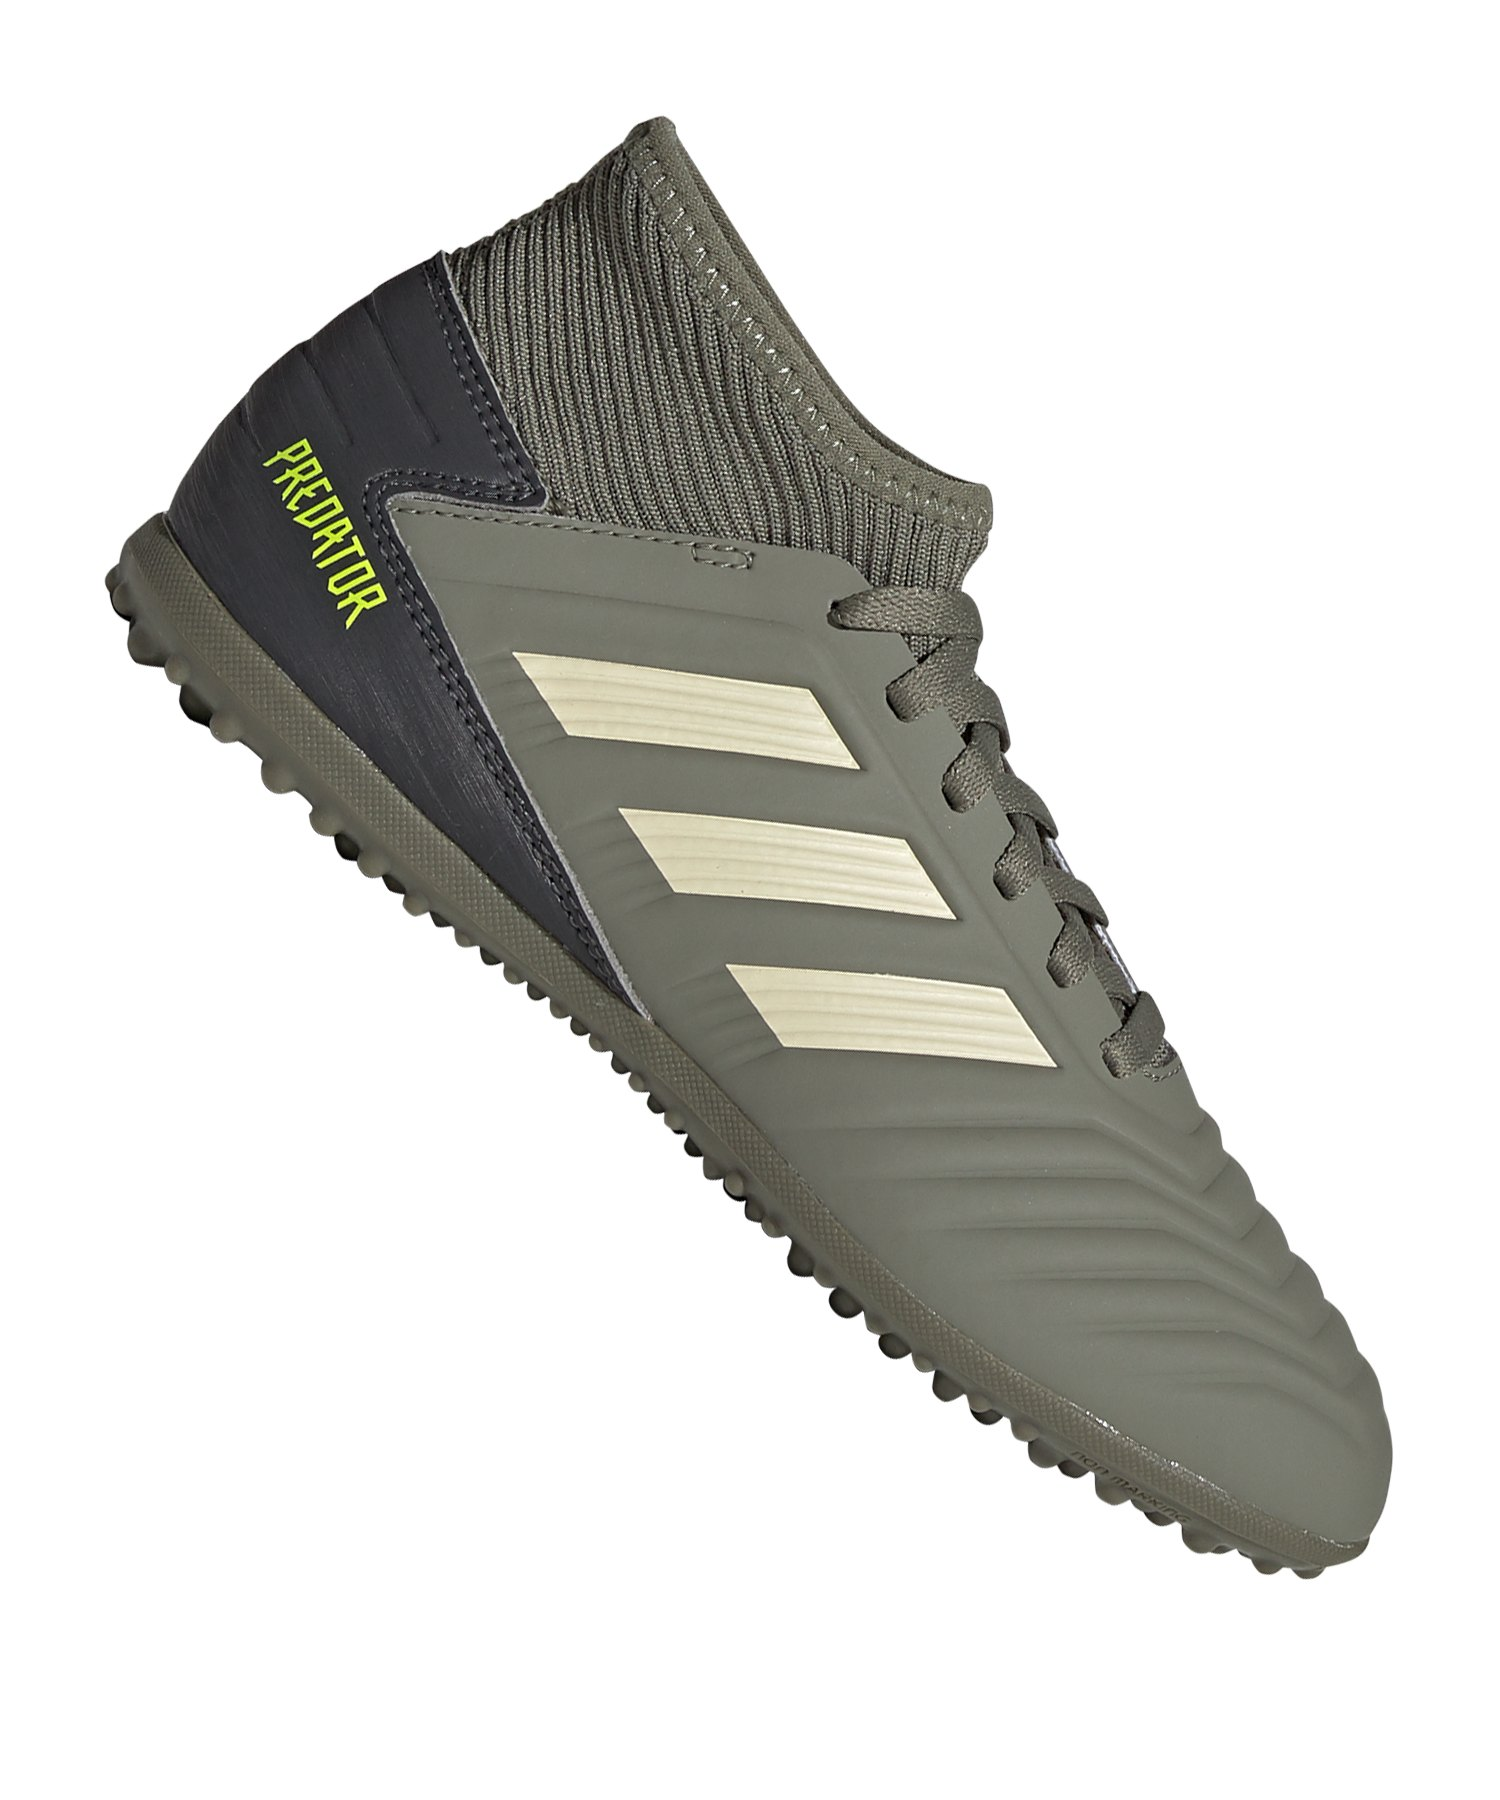 adidas predator ohne schnürsenkel kinder